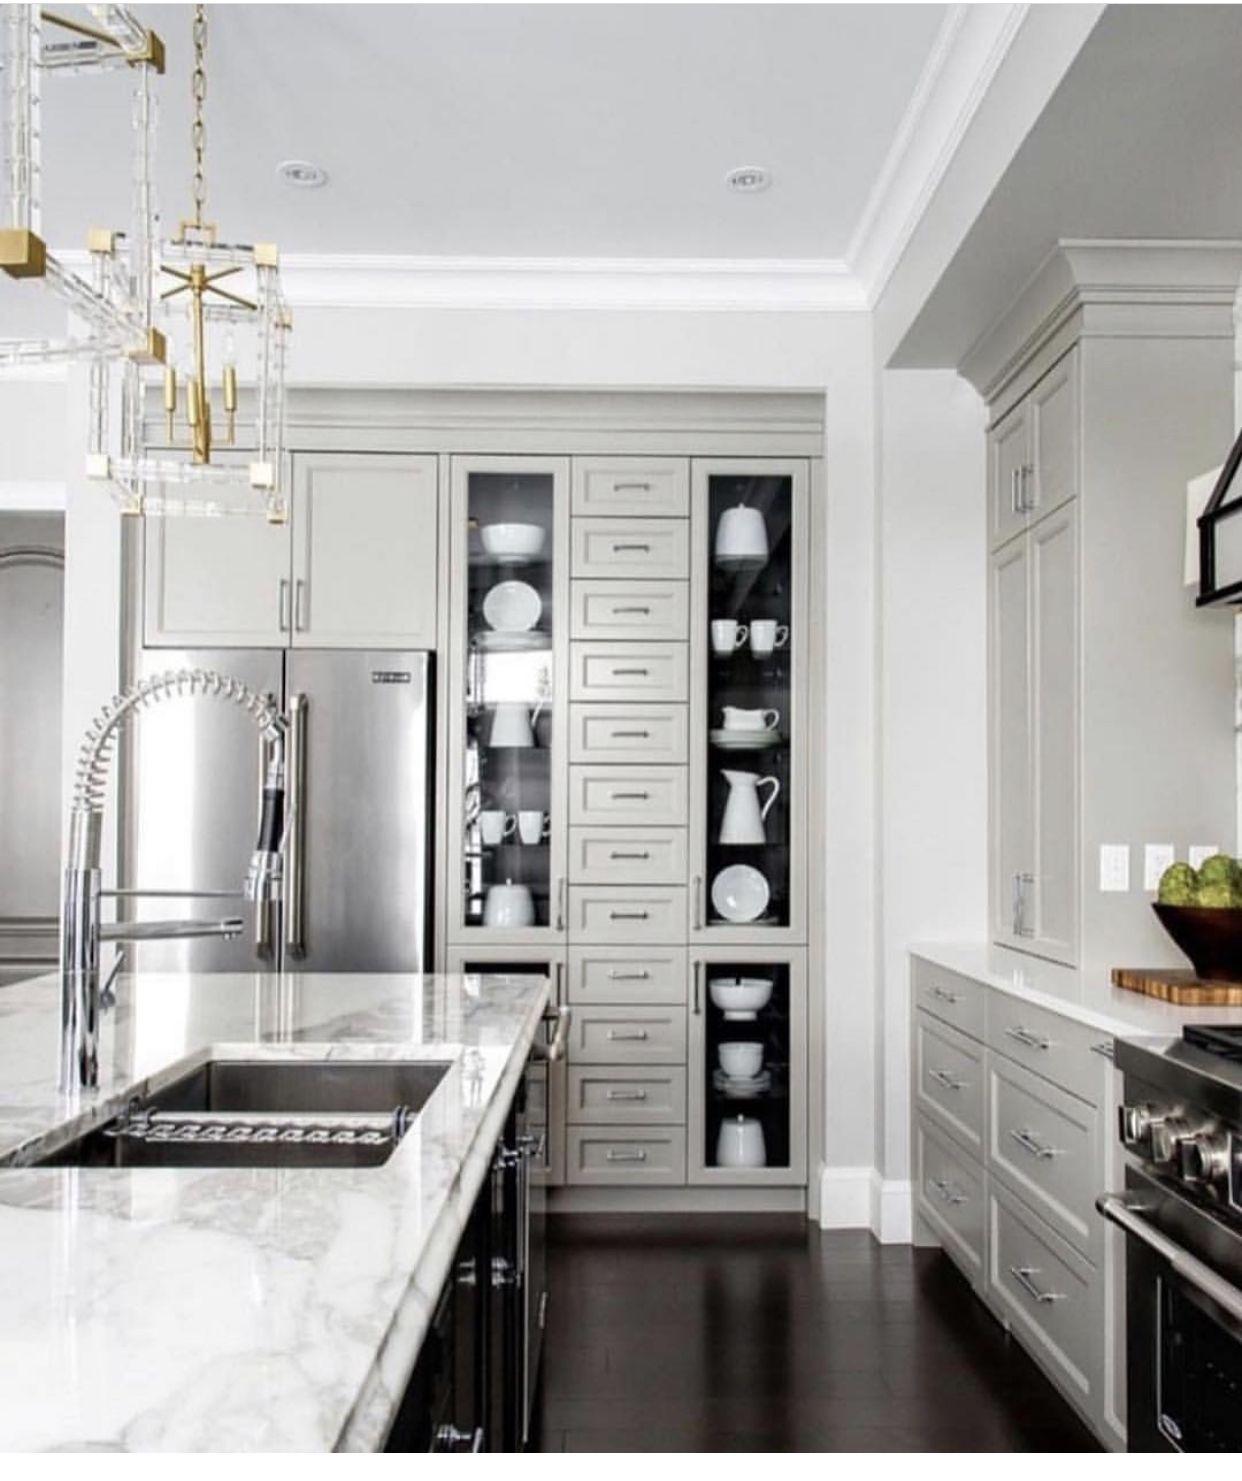 Pin By Karen Melk House On Kitchens Kitchen Inspiration Design Top Kitchen Trends Kitchen Design